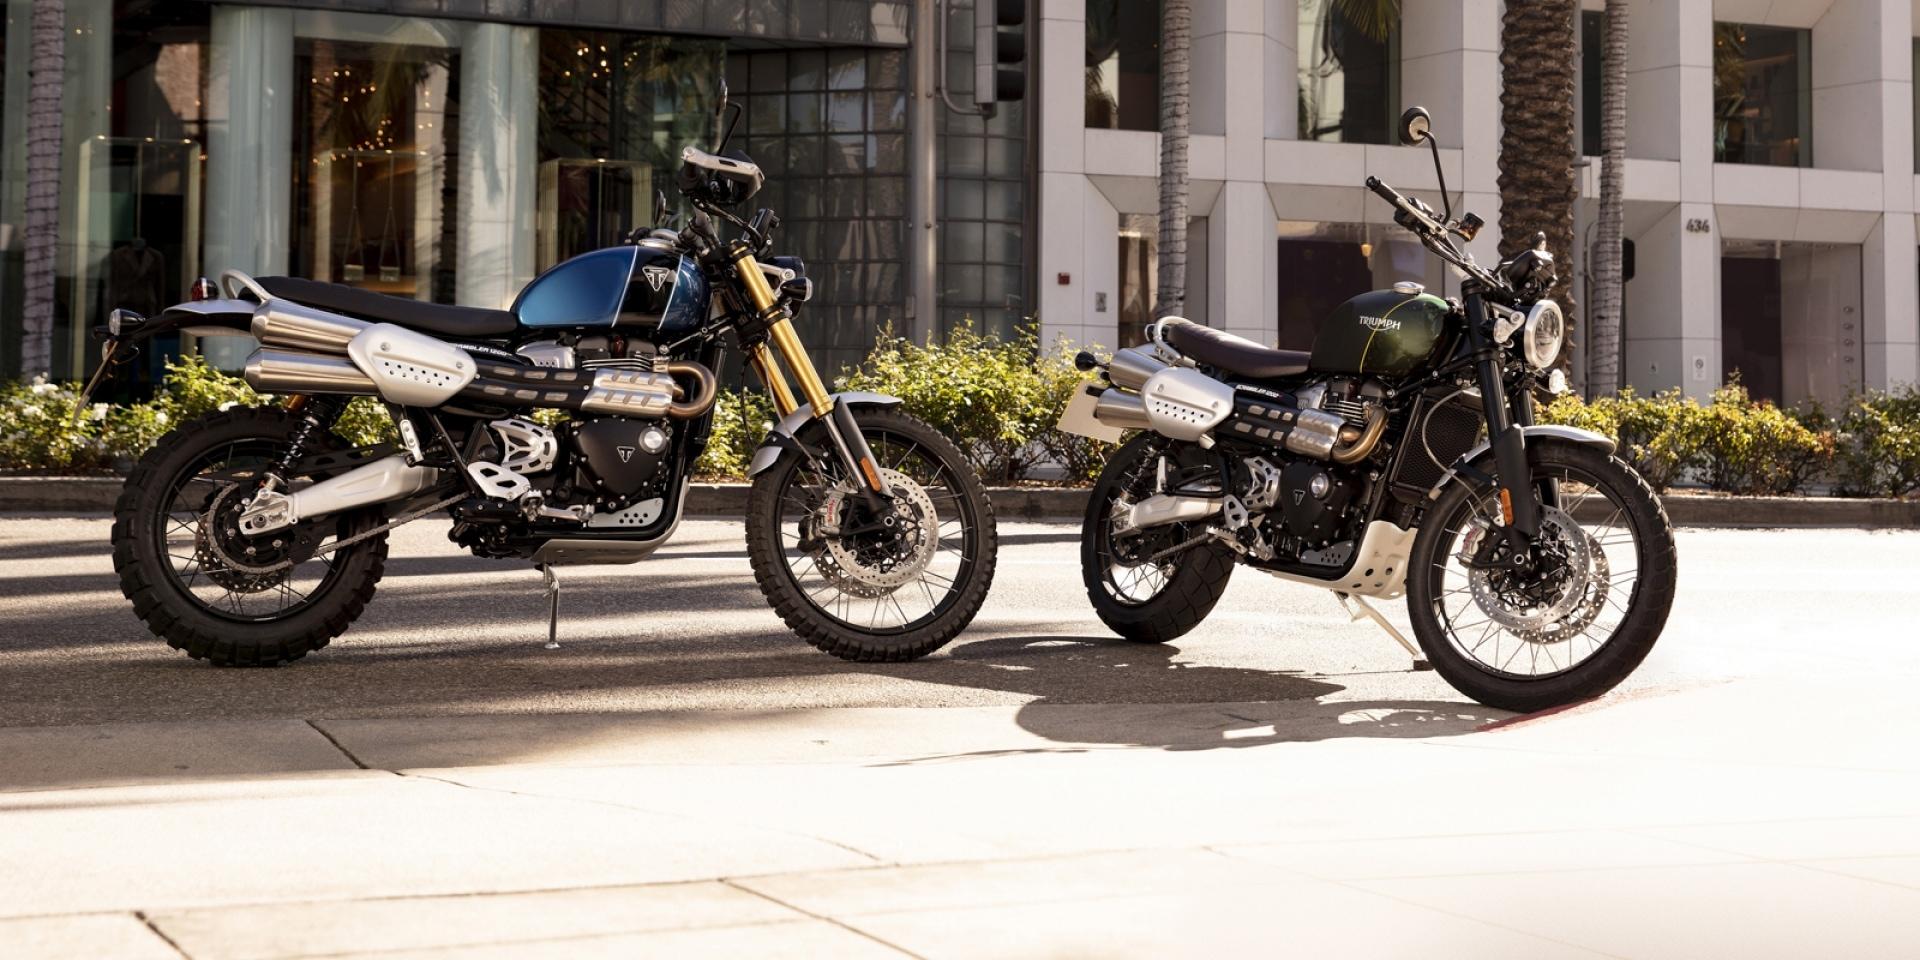 英倫越野風。Triumph Scrambler 1200海外發表